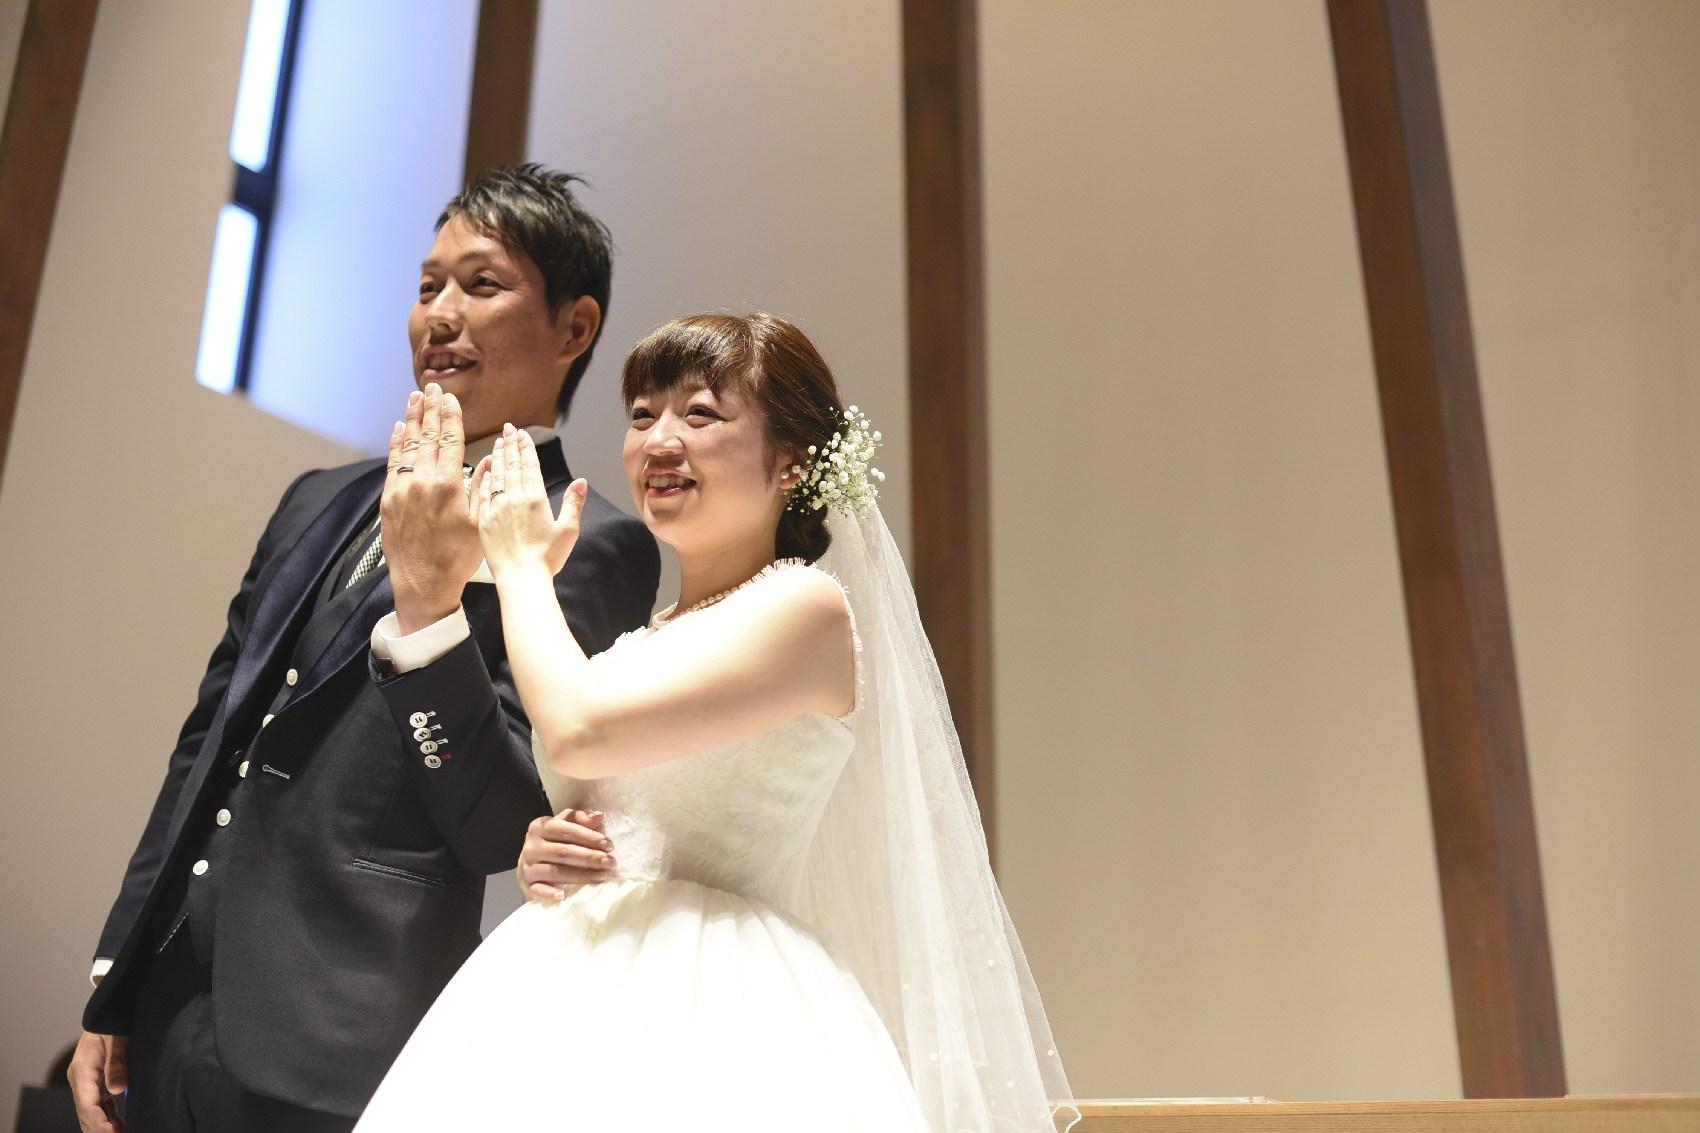 結婚式での指輪ポーズ